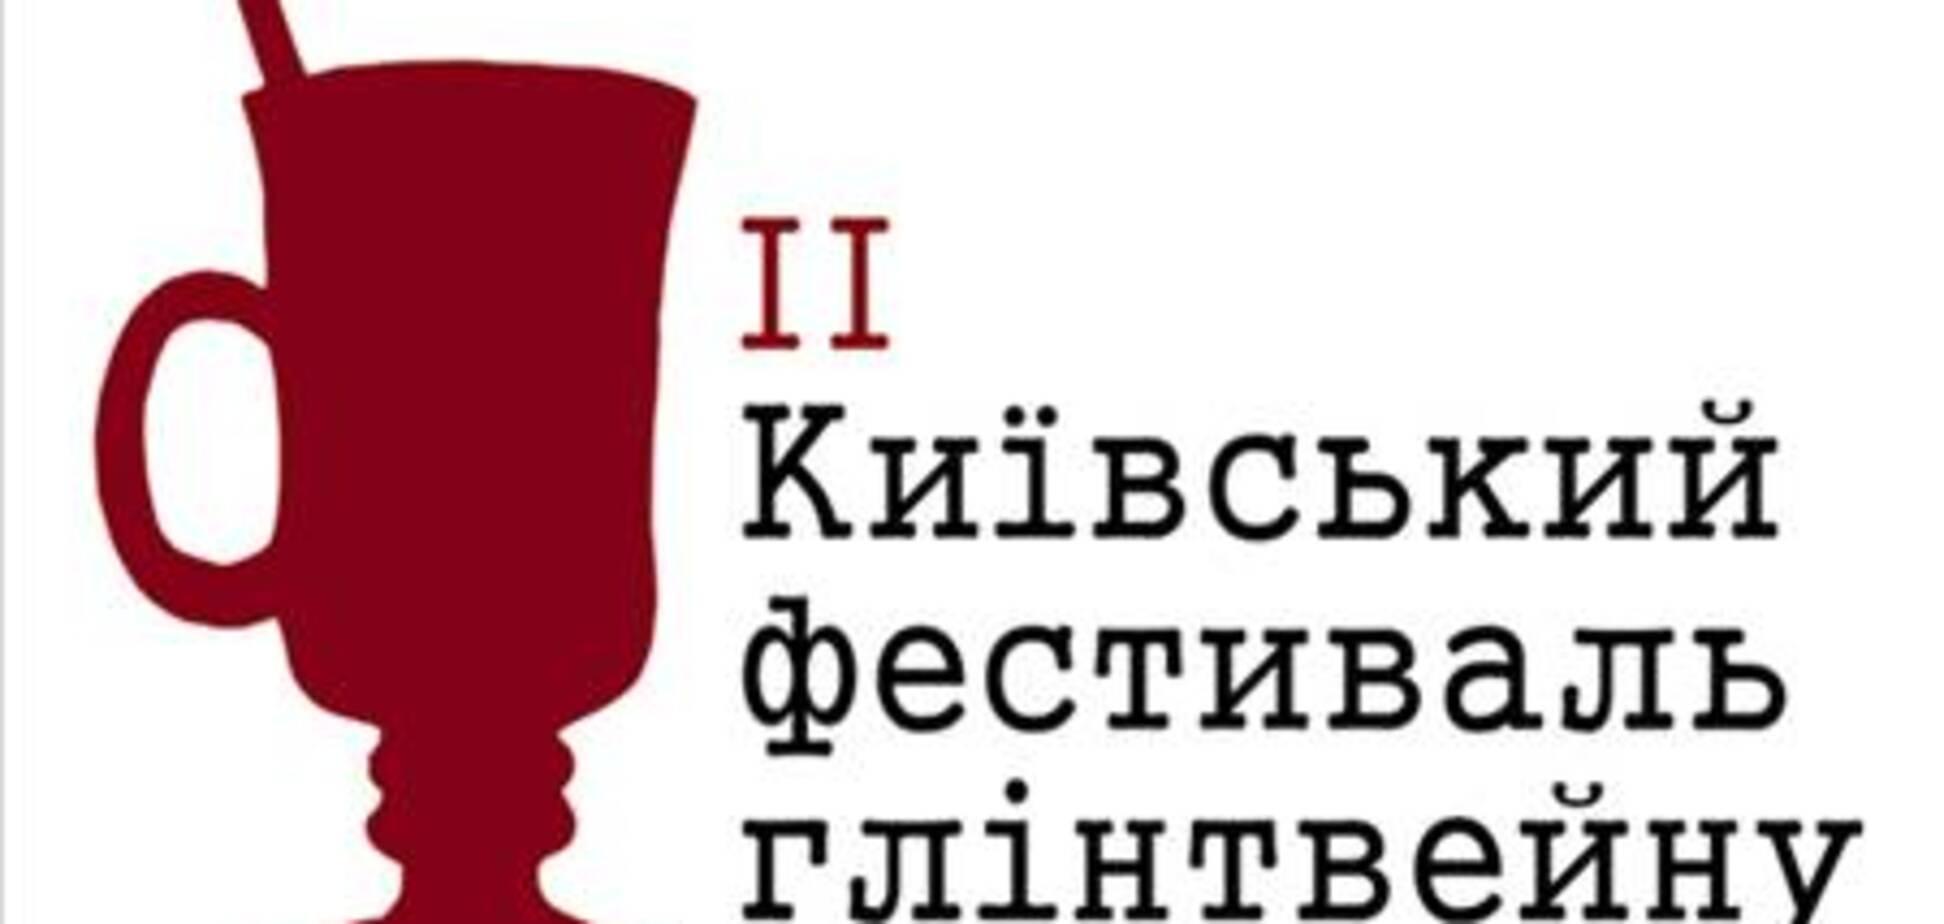 ІІ Киевский фестиваль глинтвейна